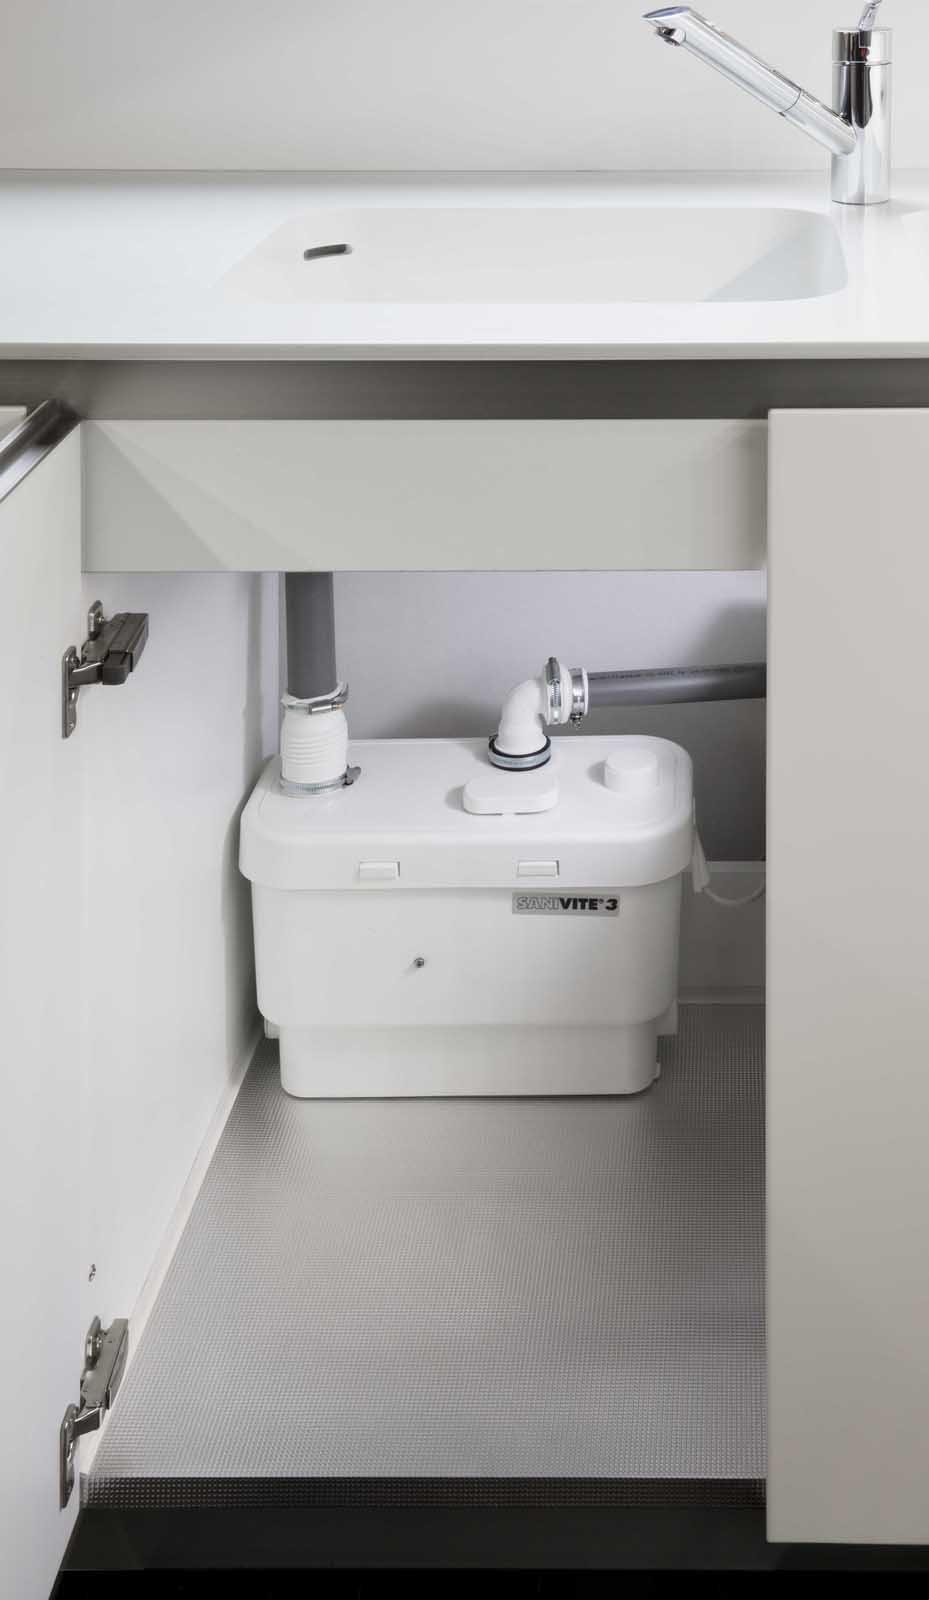 Pompa Per Scarico Lavello Cucina.Cucine Come Spostare Il Lavello Senza Lavori Cose Di Casa